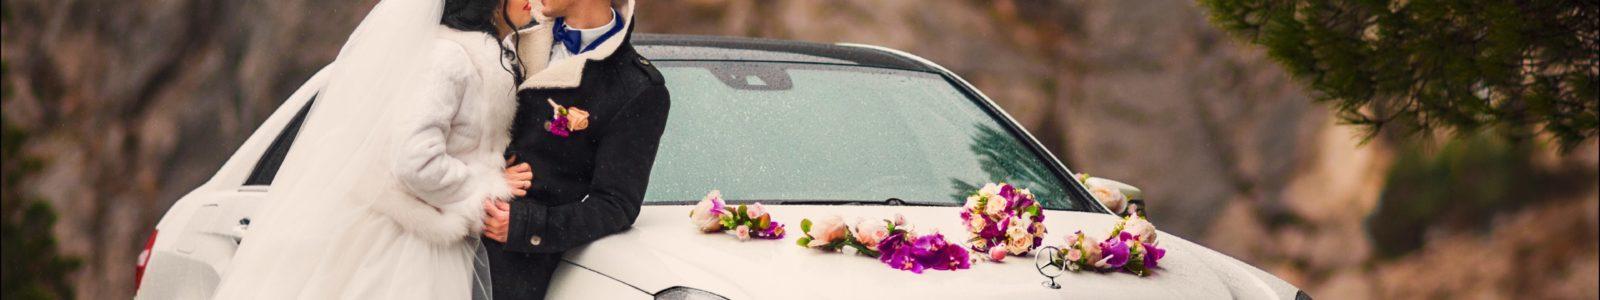 Самые интересные и оригинальные оформления свадебных машин в этом сезоне – идеи, фото, полезные советы